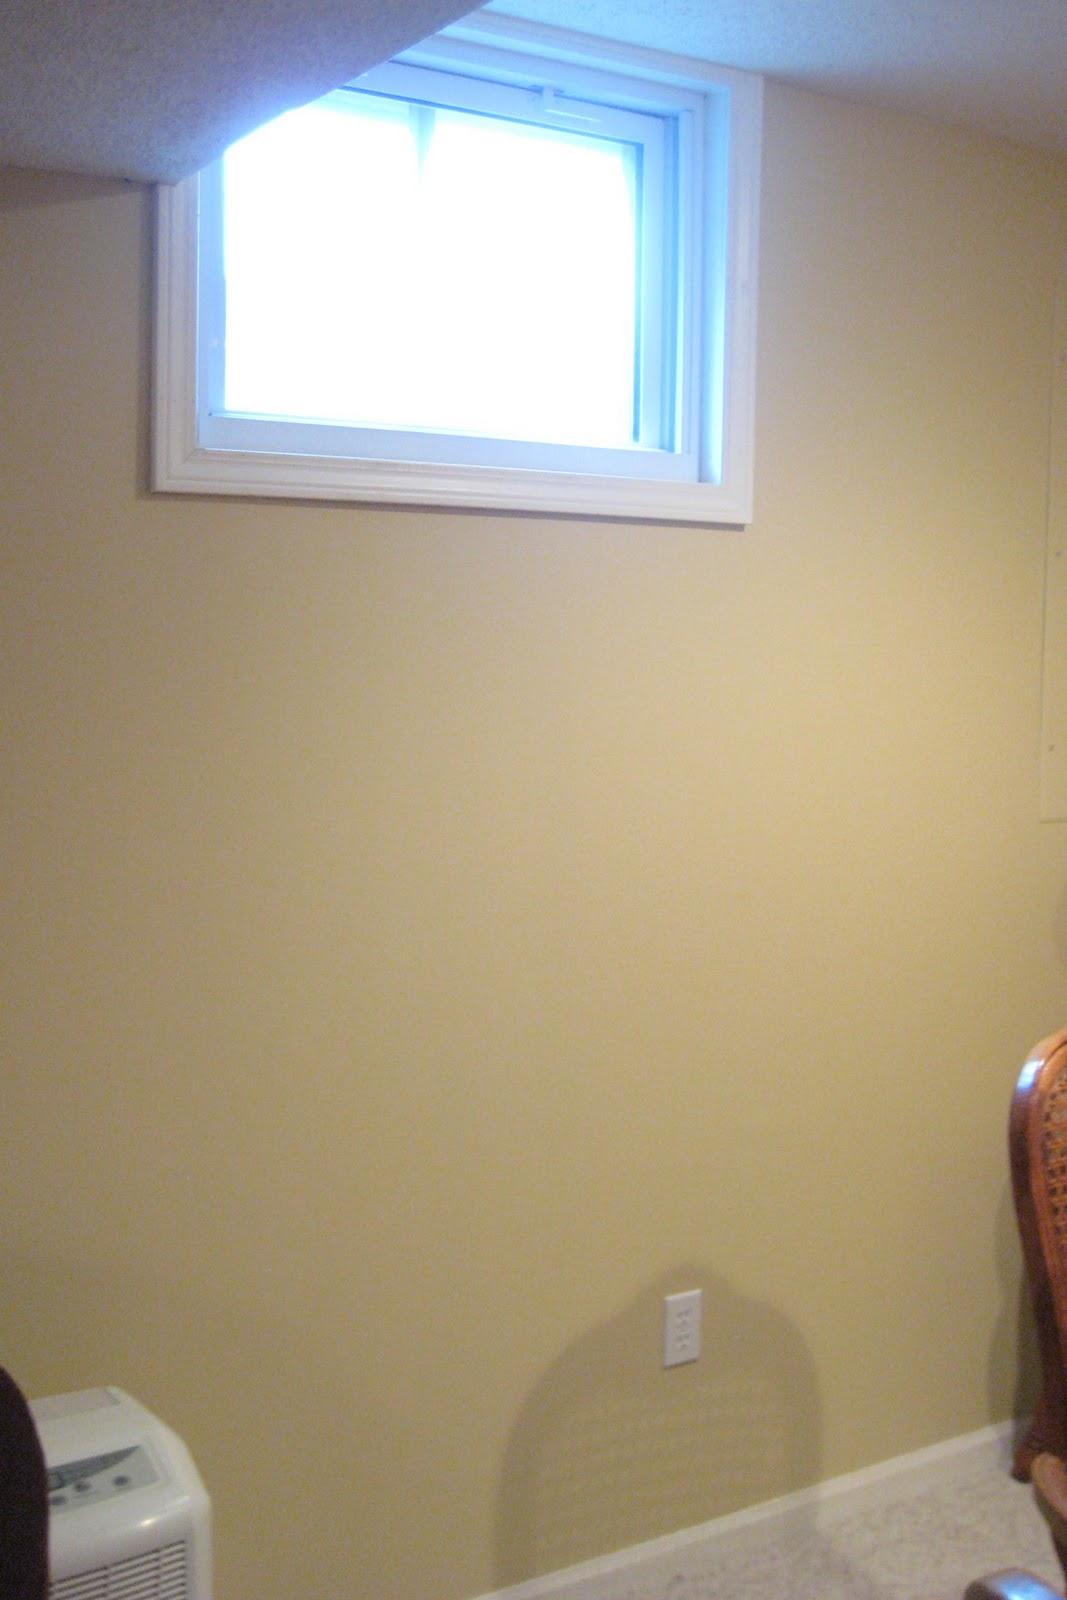 Tallgrass design basement window solution for Daylight basement windows